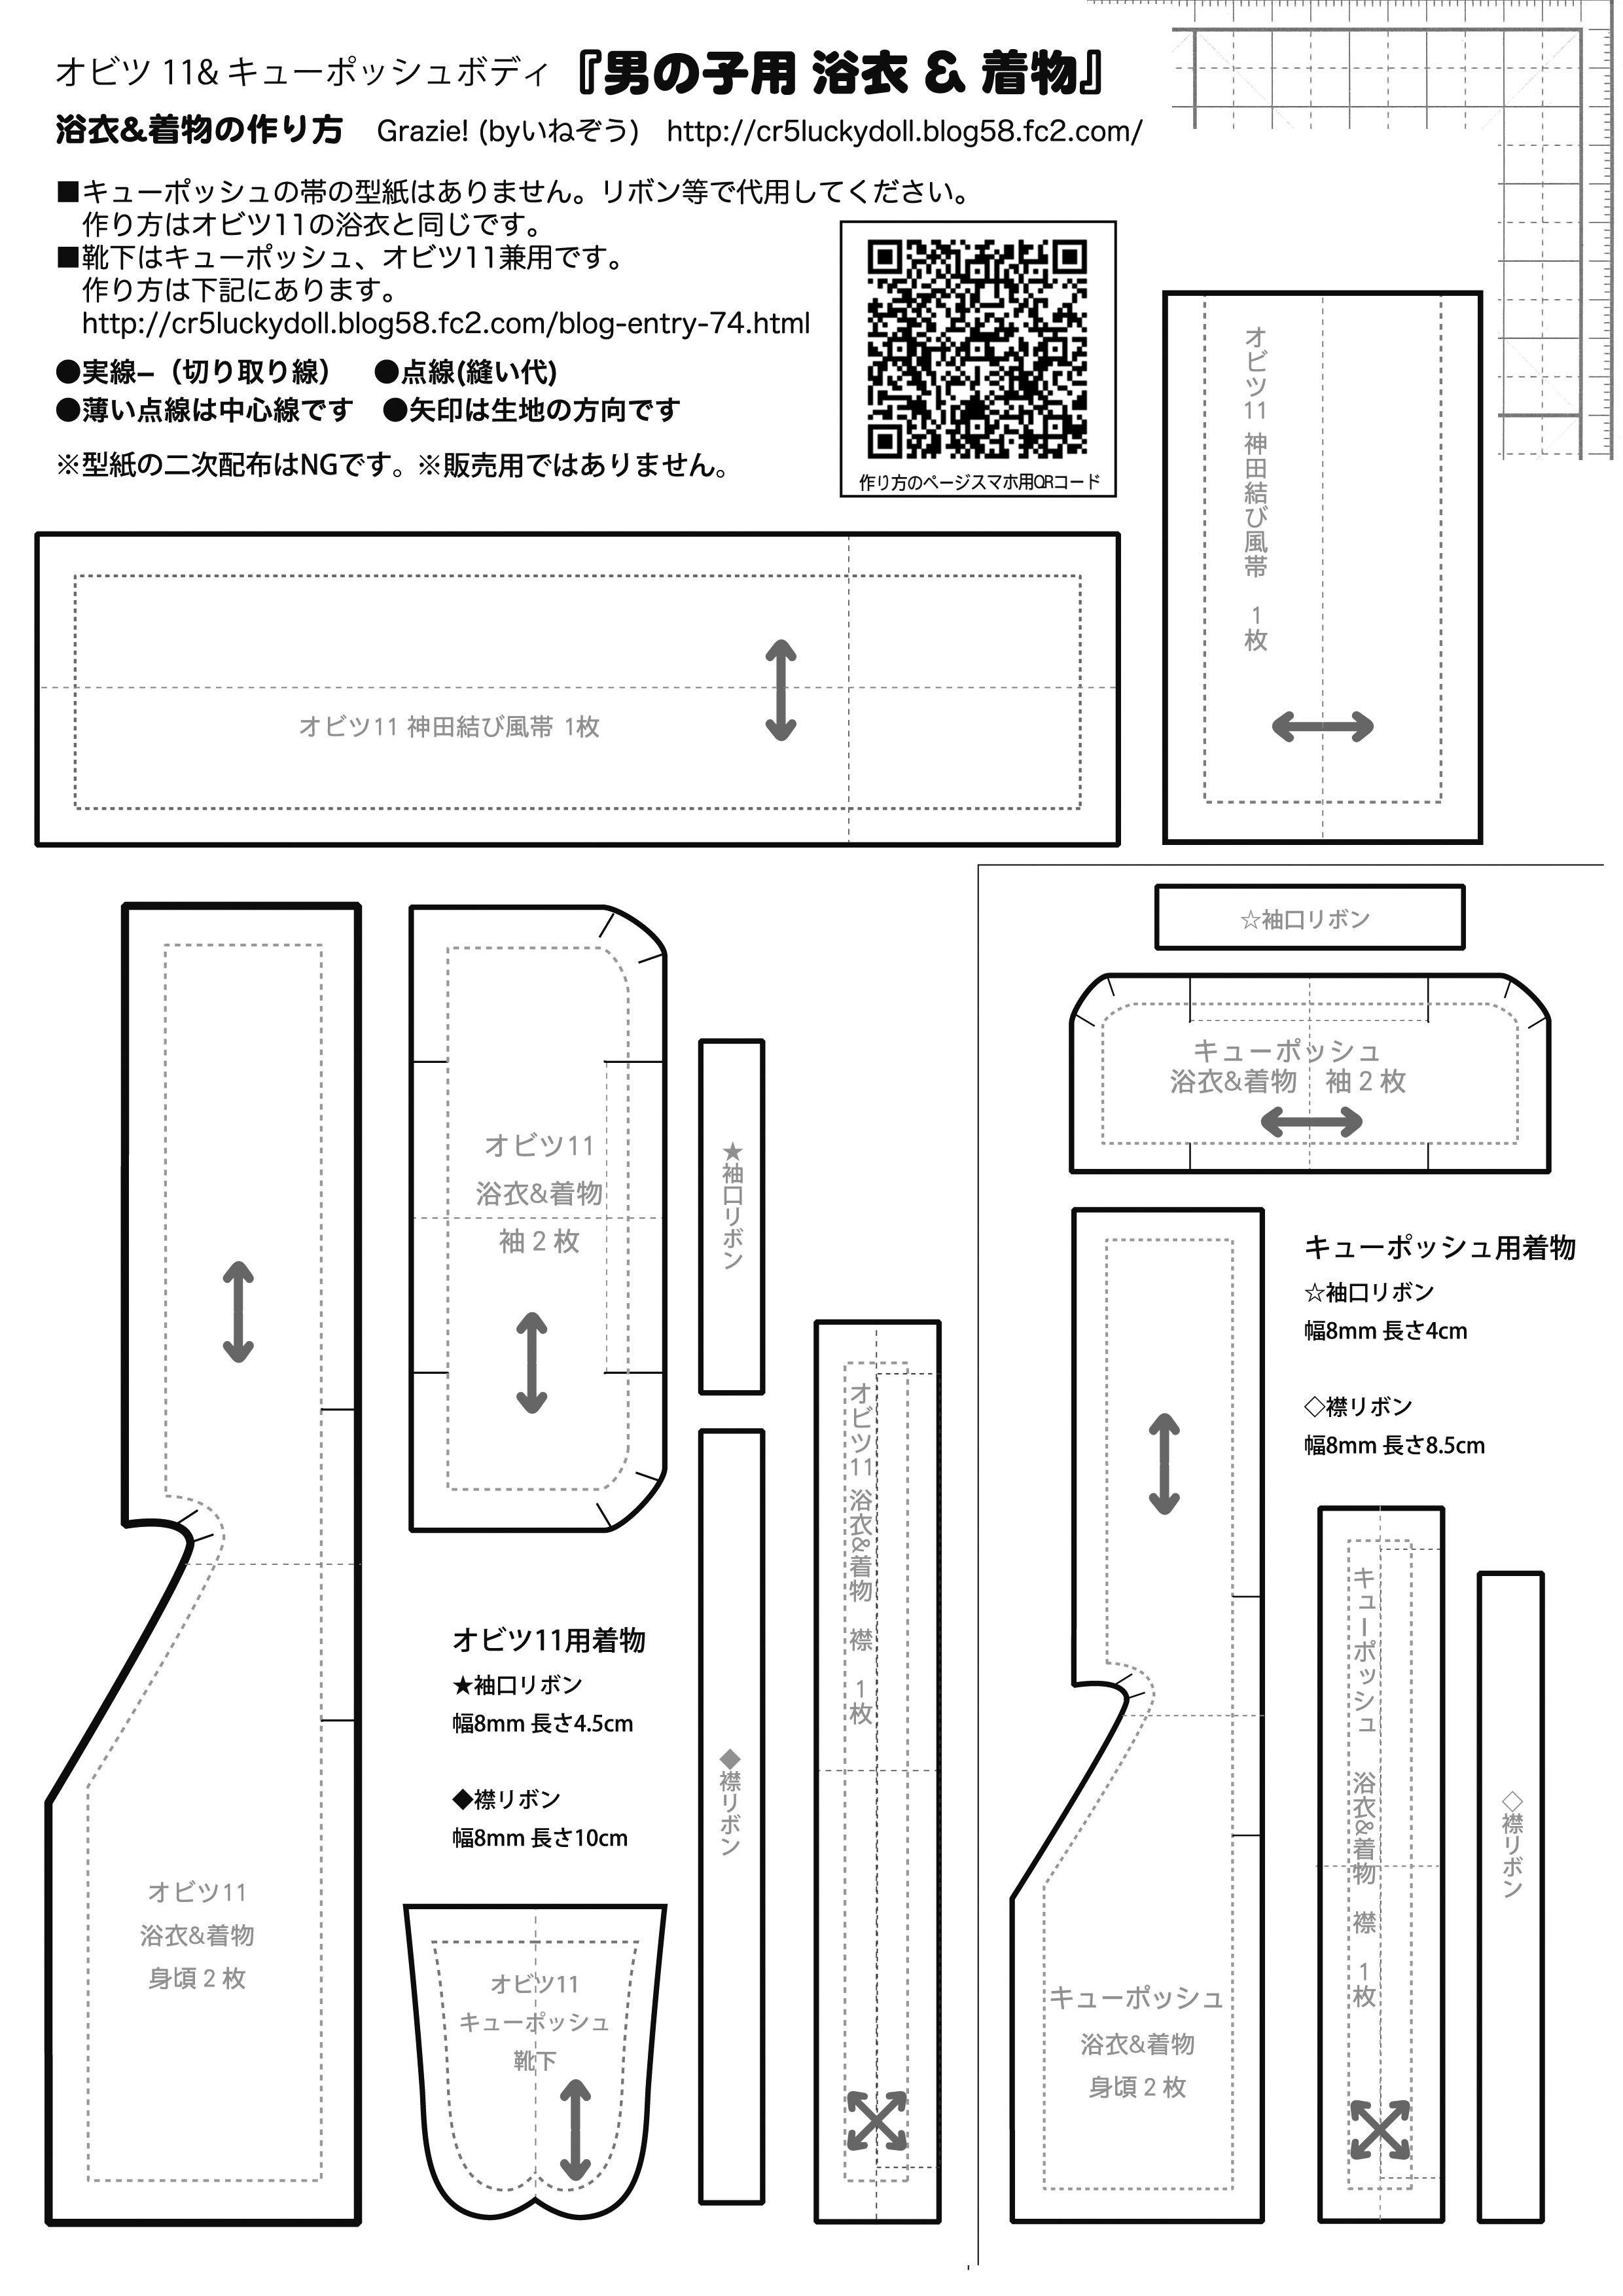 オビツ11、キューポッシュなんちゃって浴衣男子用 (型紙無料配布 ...